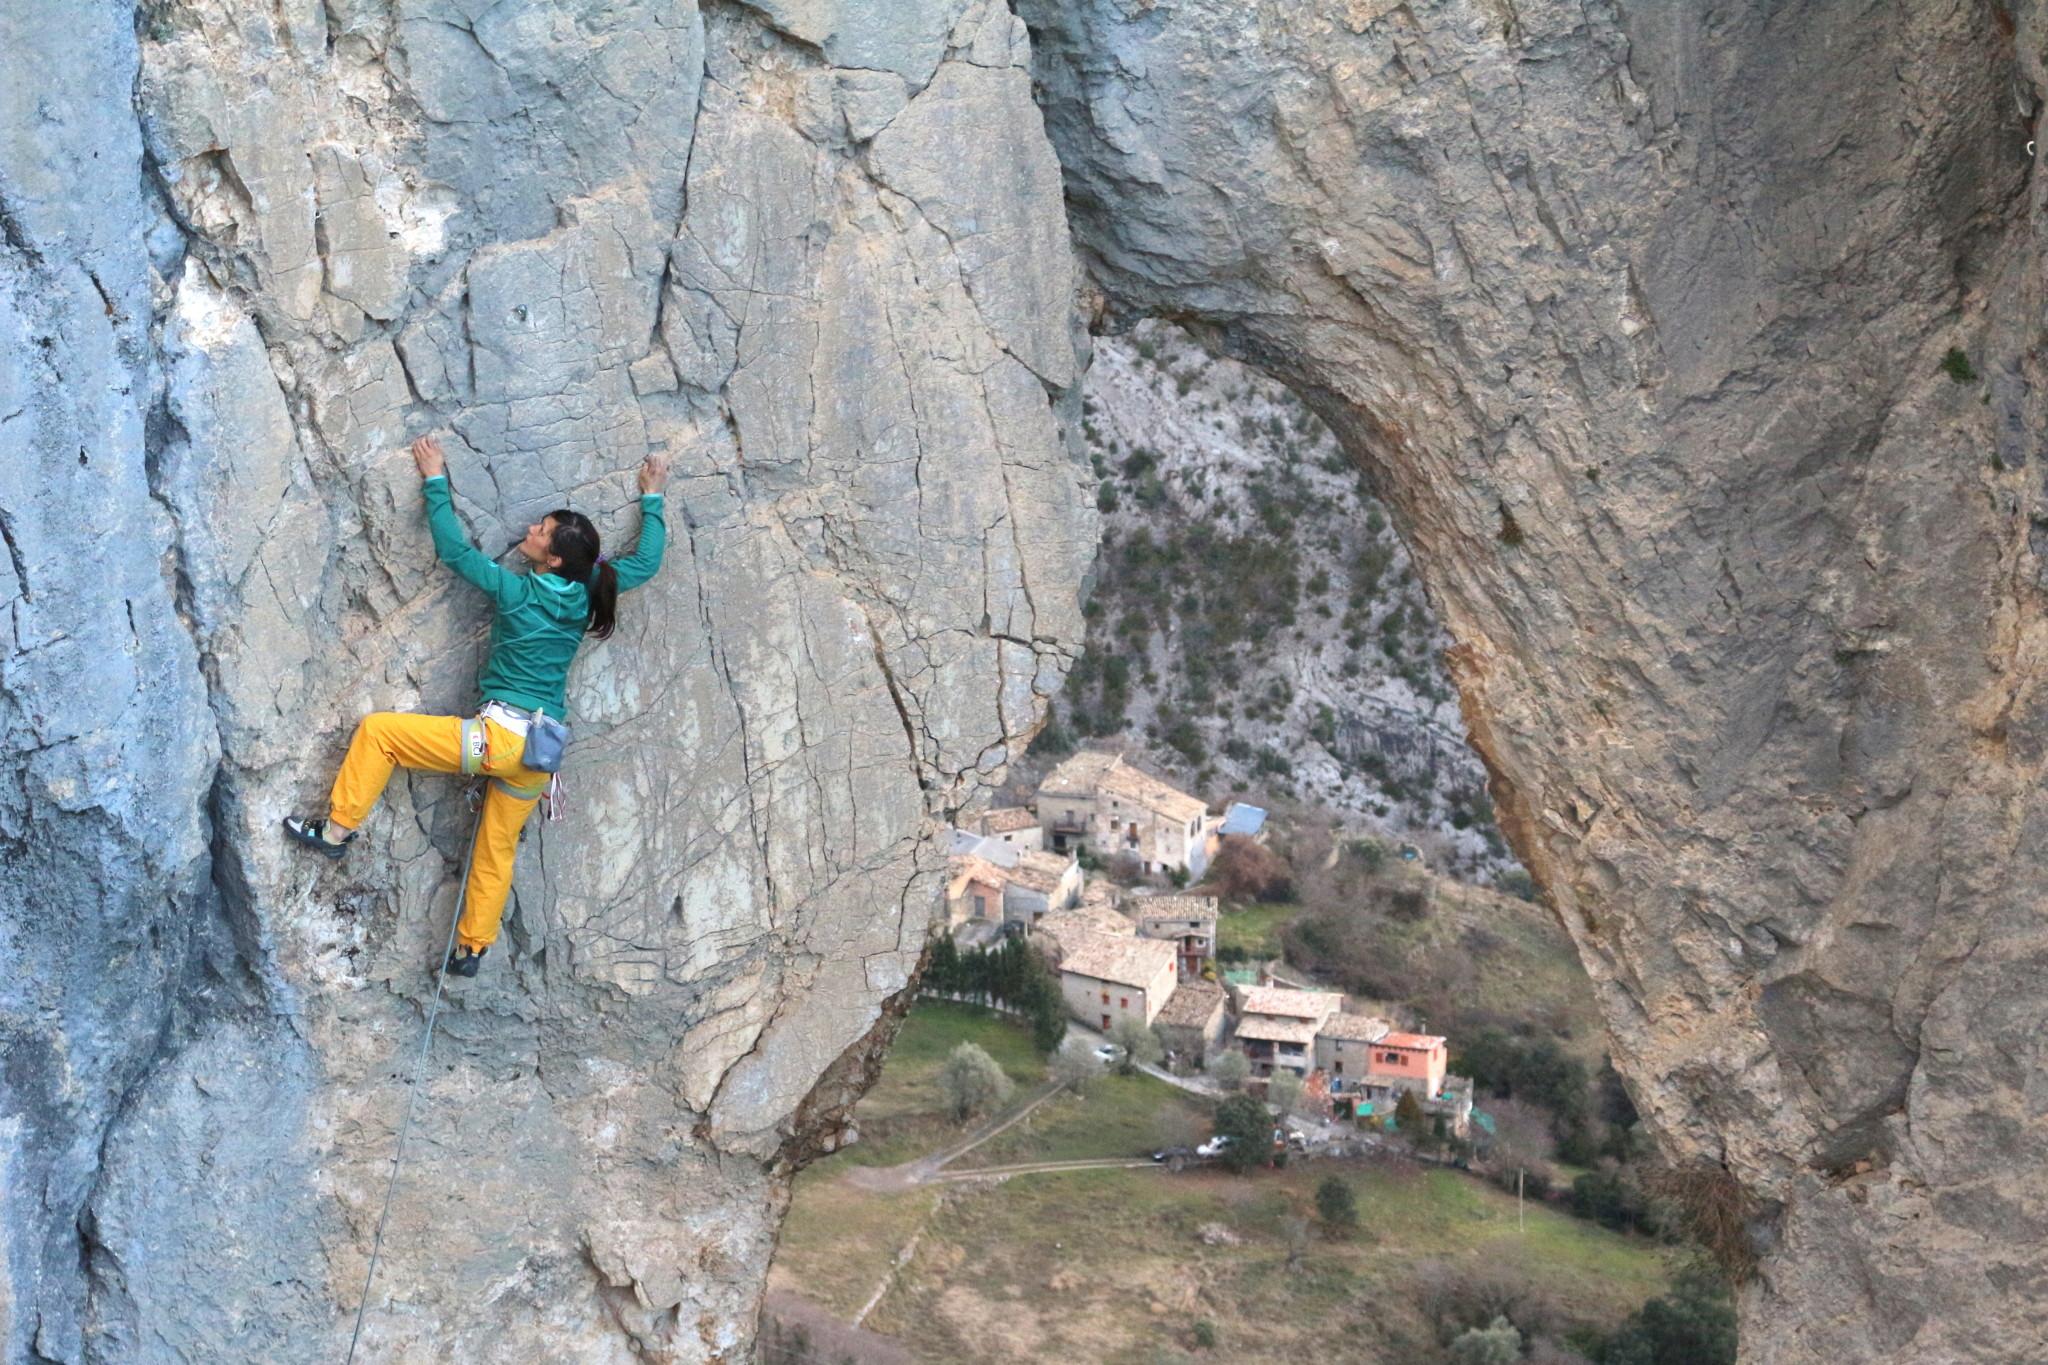 Ici à Perles, un rocher à quelques kilomètres d'Oliana. Moins de voies pour grimpeurs mutants mais une qualité de rocher bien meilleure. Une vraie perle catalane :)